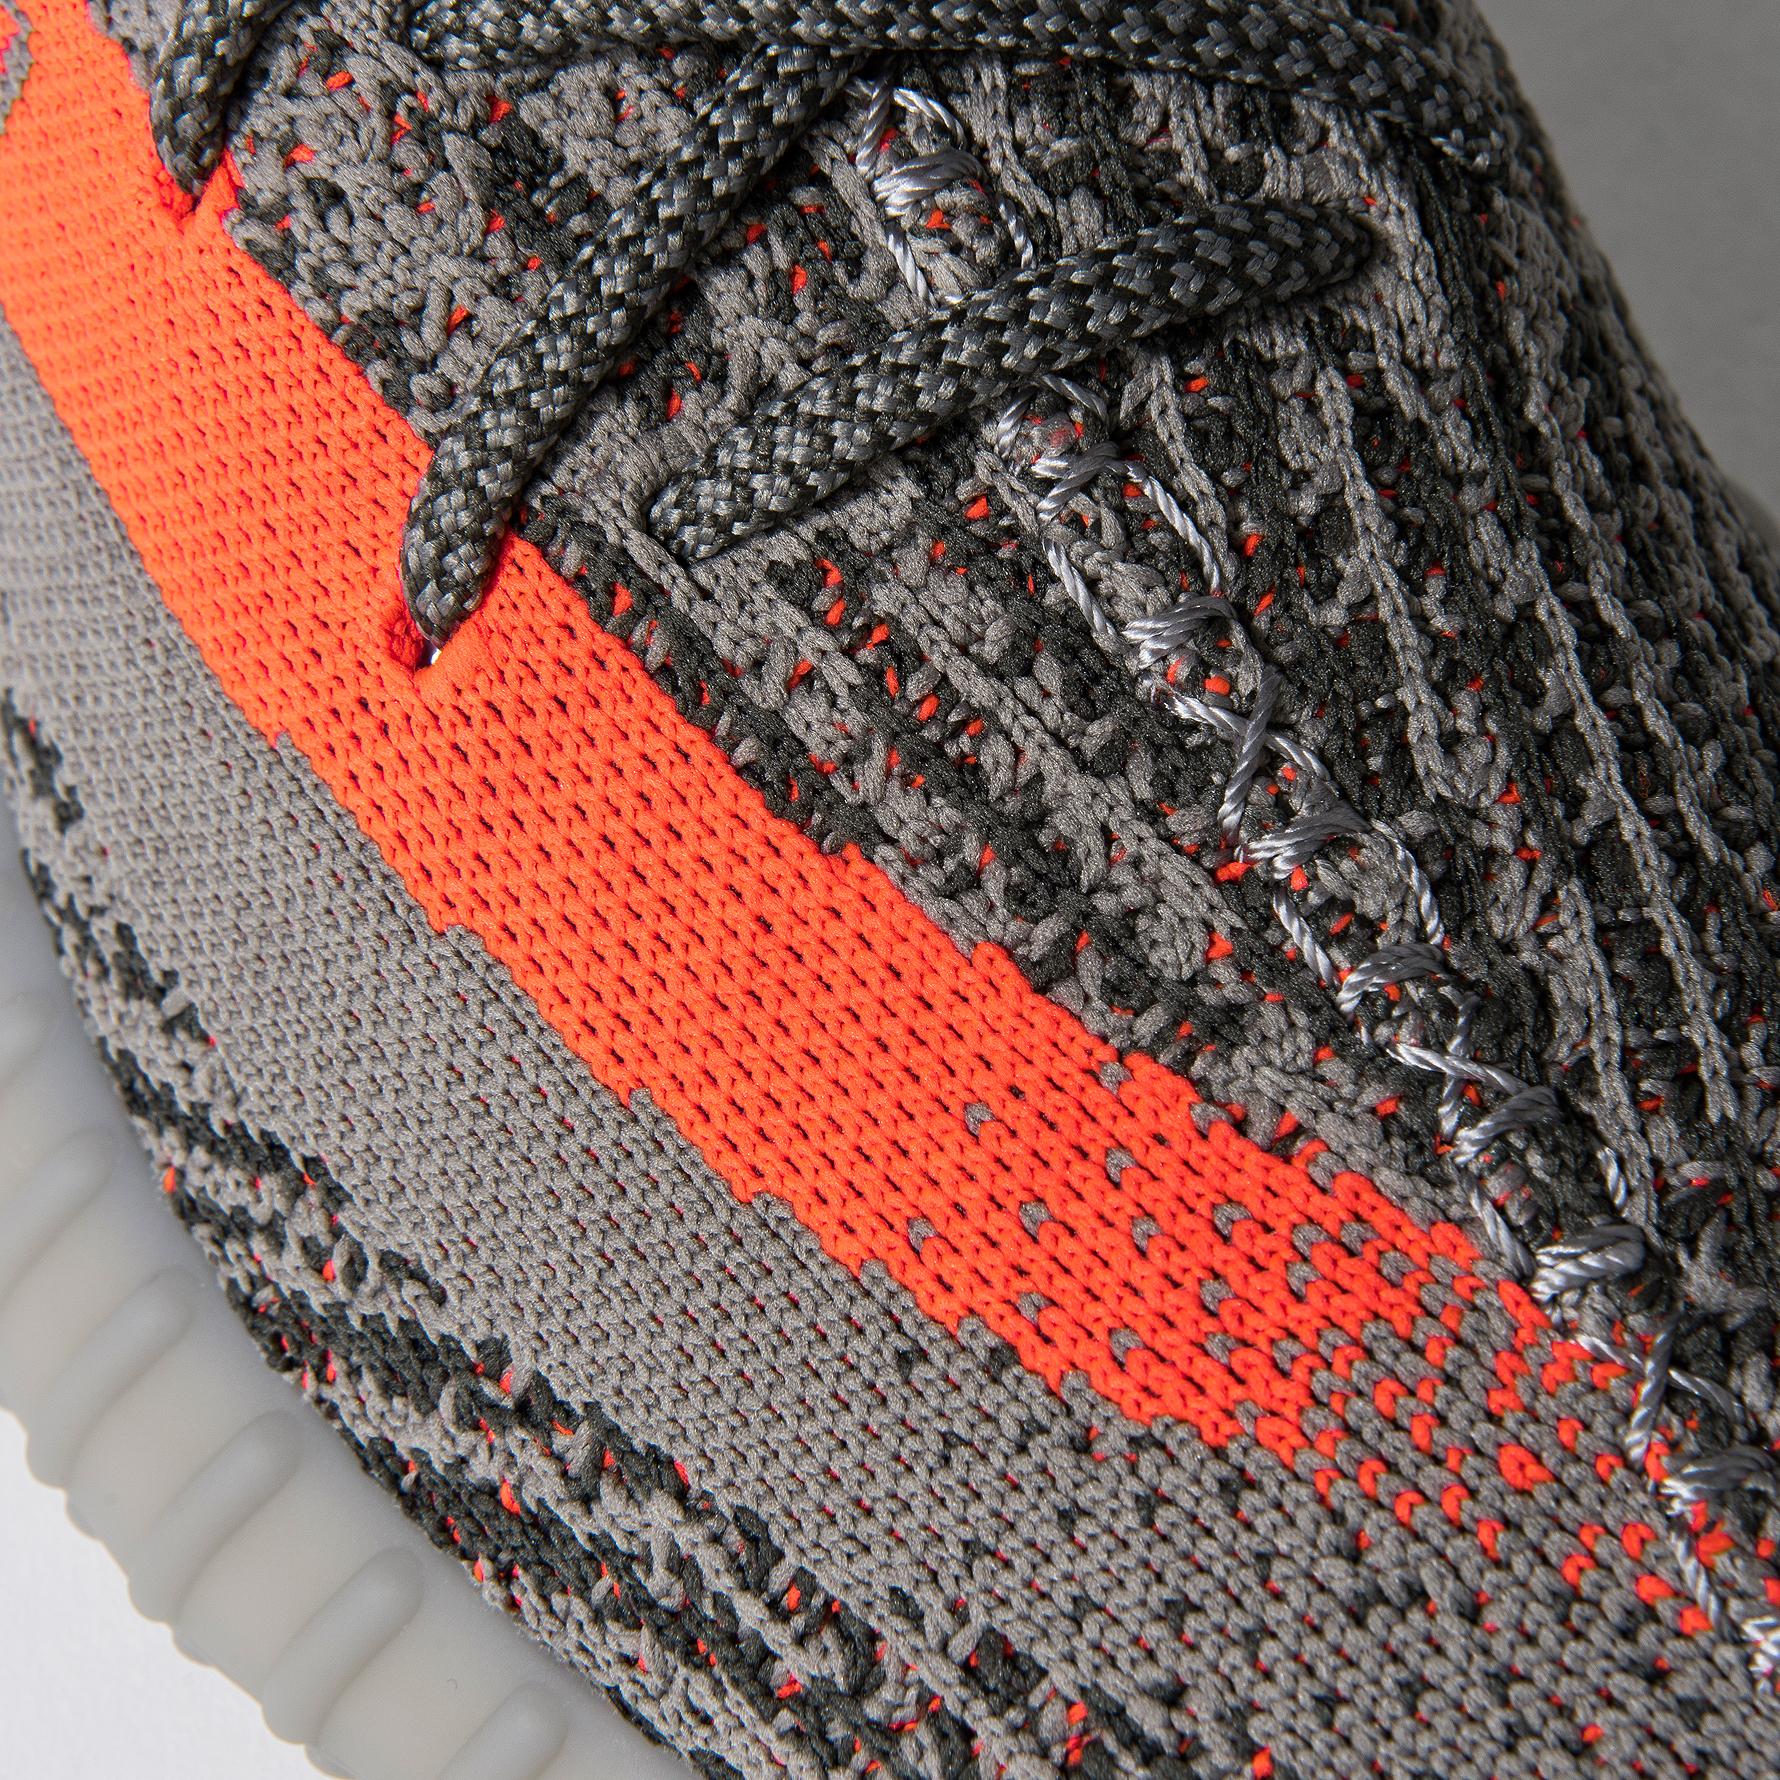 huge discount aea03 676b3 Adidas Yeezy 350 Boost V2 bb1826 Toe